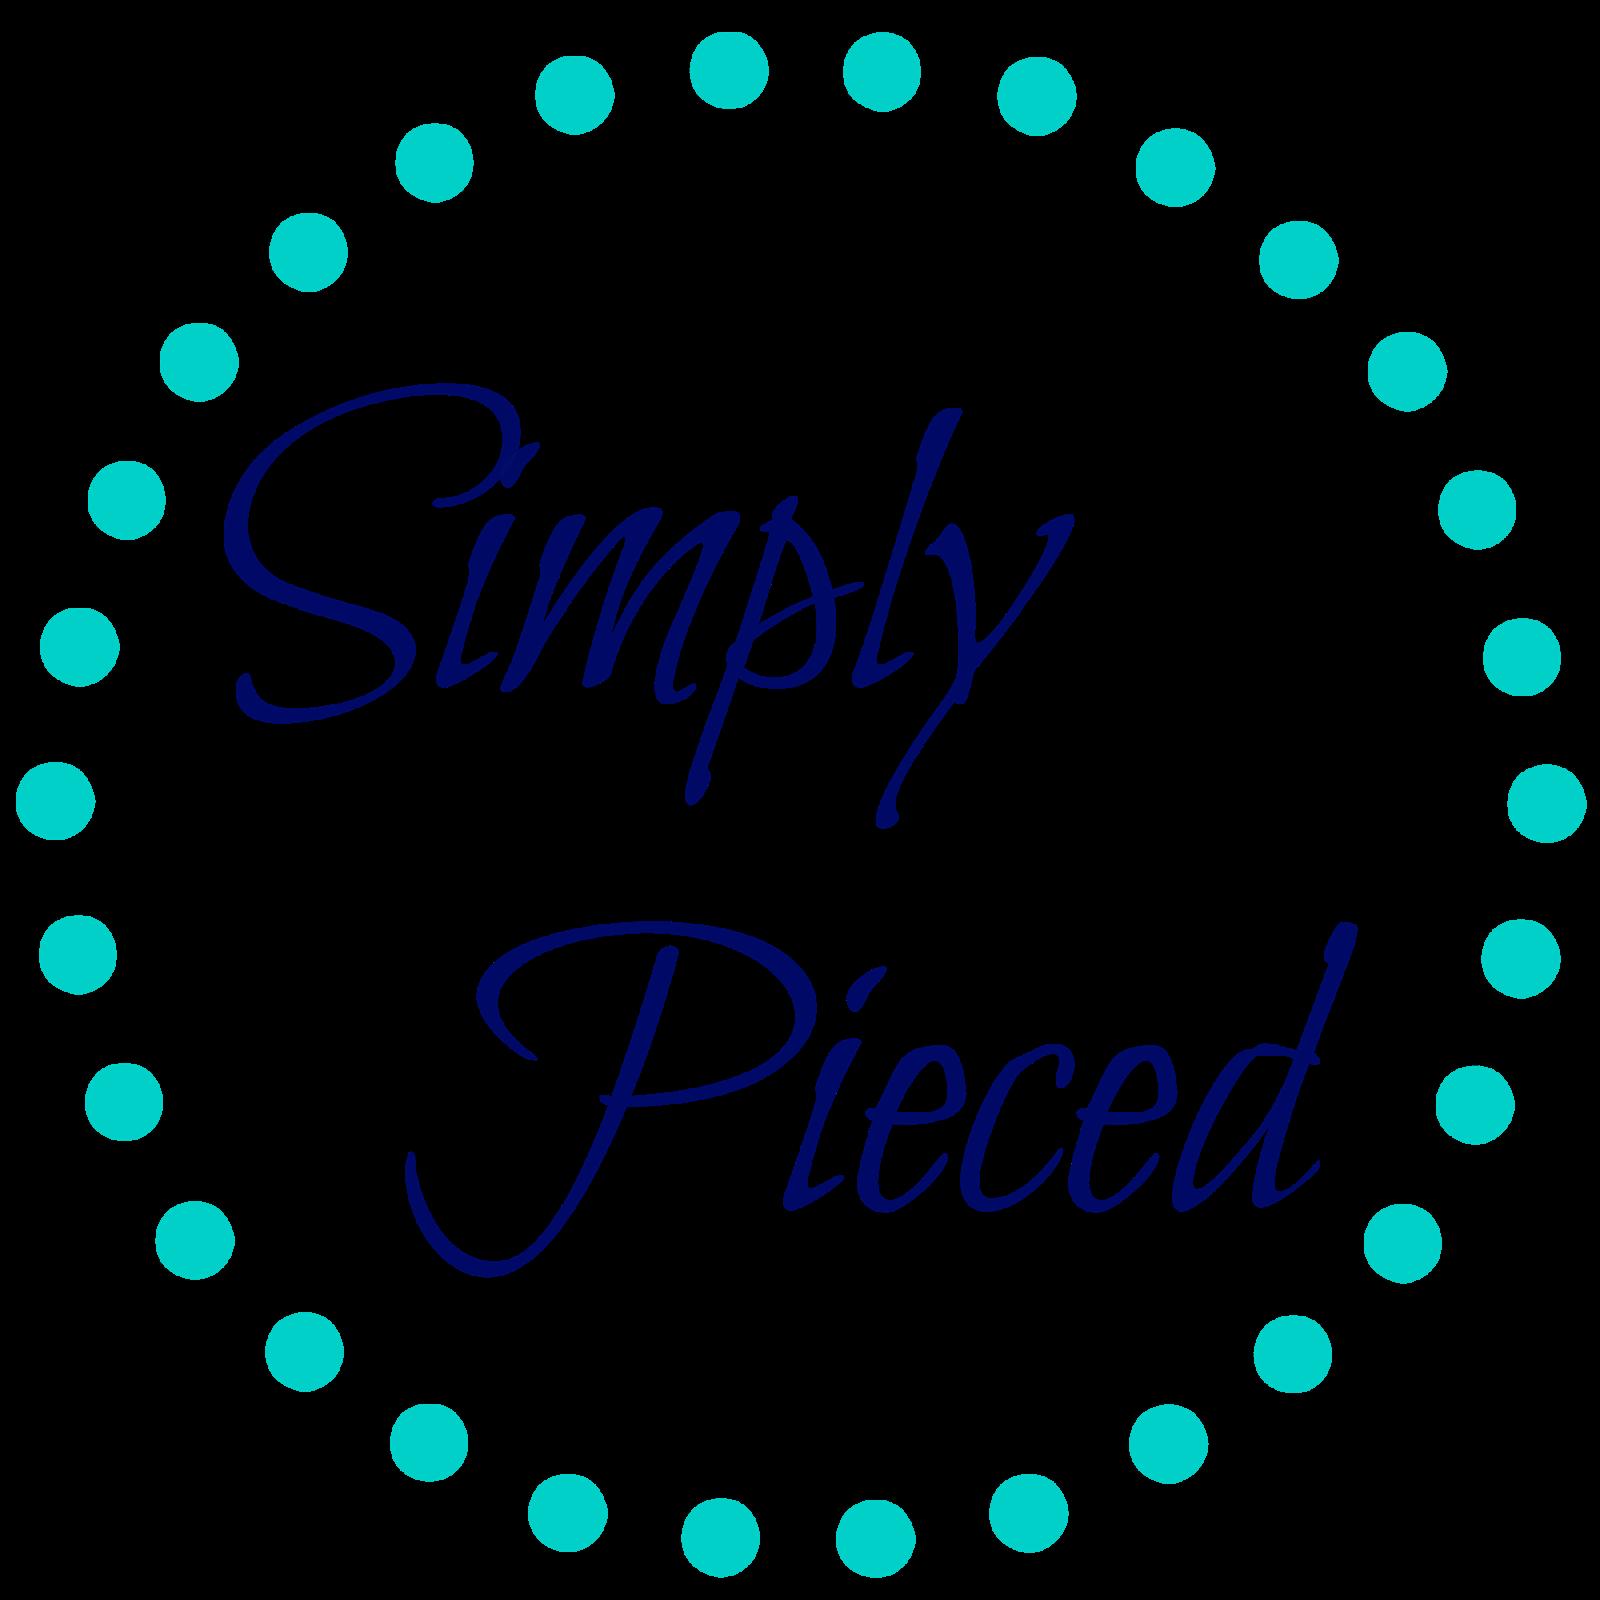 http://simplypieced.blogspot.com/